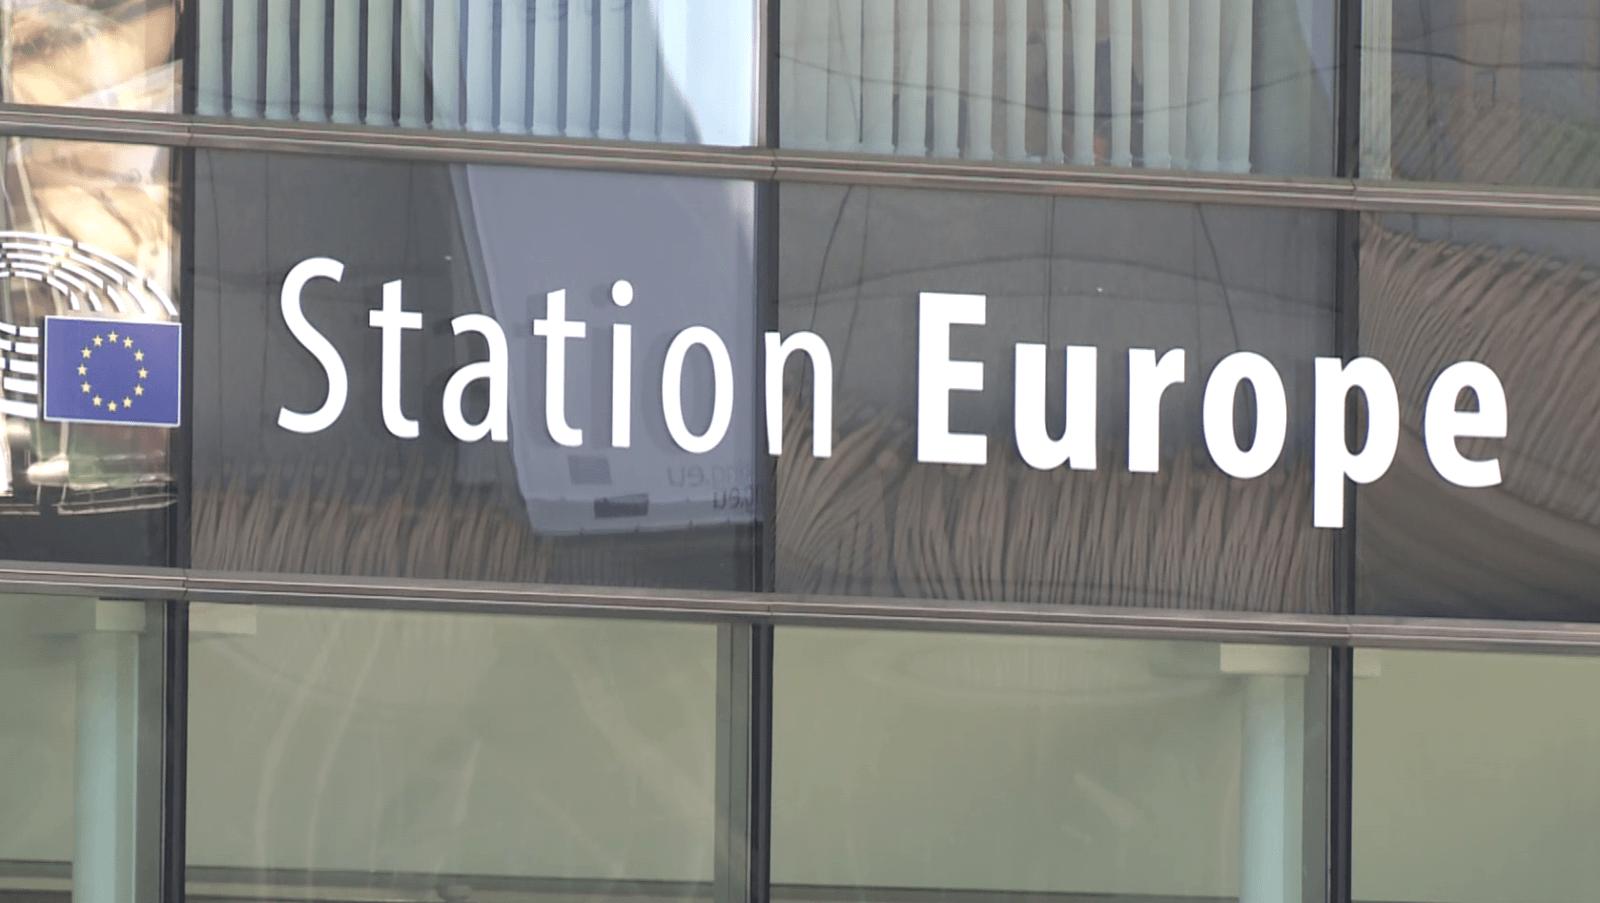 Komisja Europejska w walce z koronawirusem. Rozszerza pulę dotacji finansowych programu Horyzont 2020 przeznaczonych na badania związane z walką z SARS-CoV-2